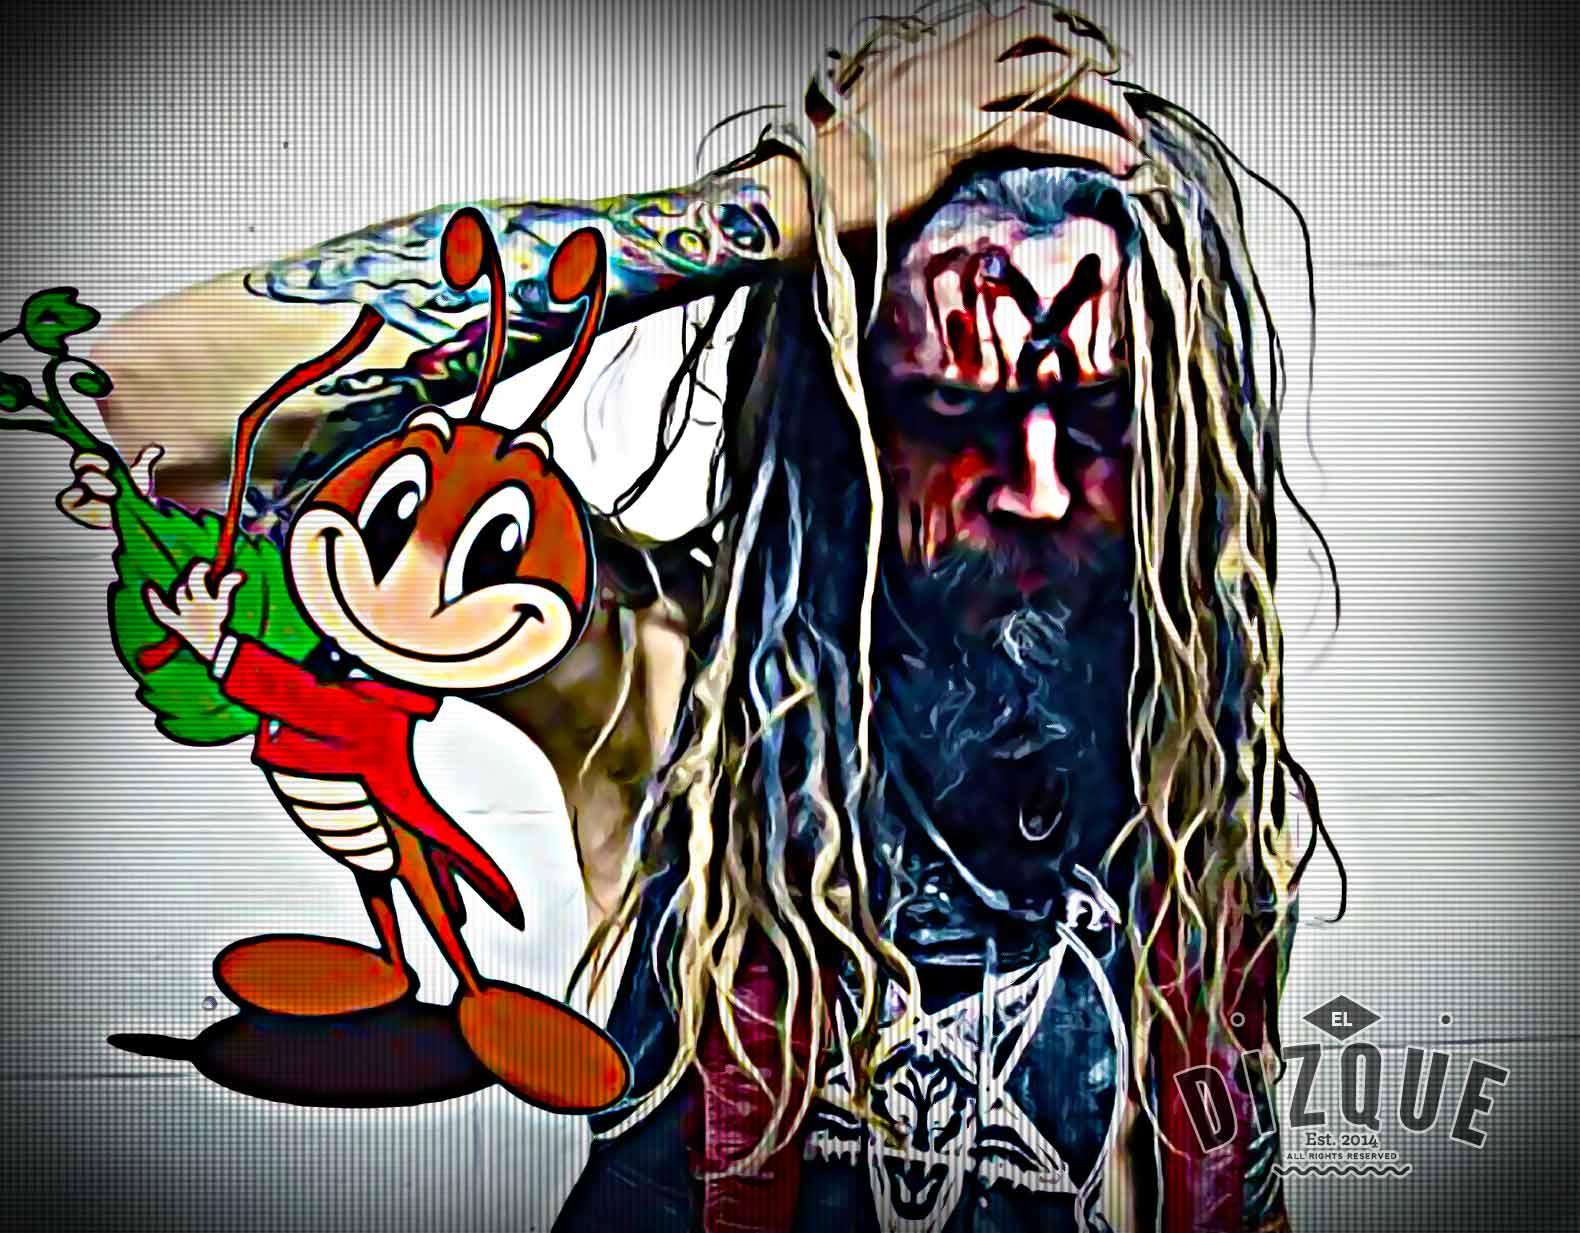 Rob Zombie Cri-Cri